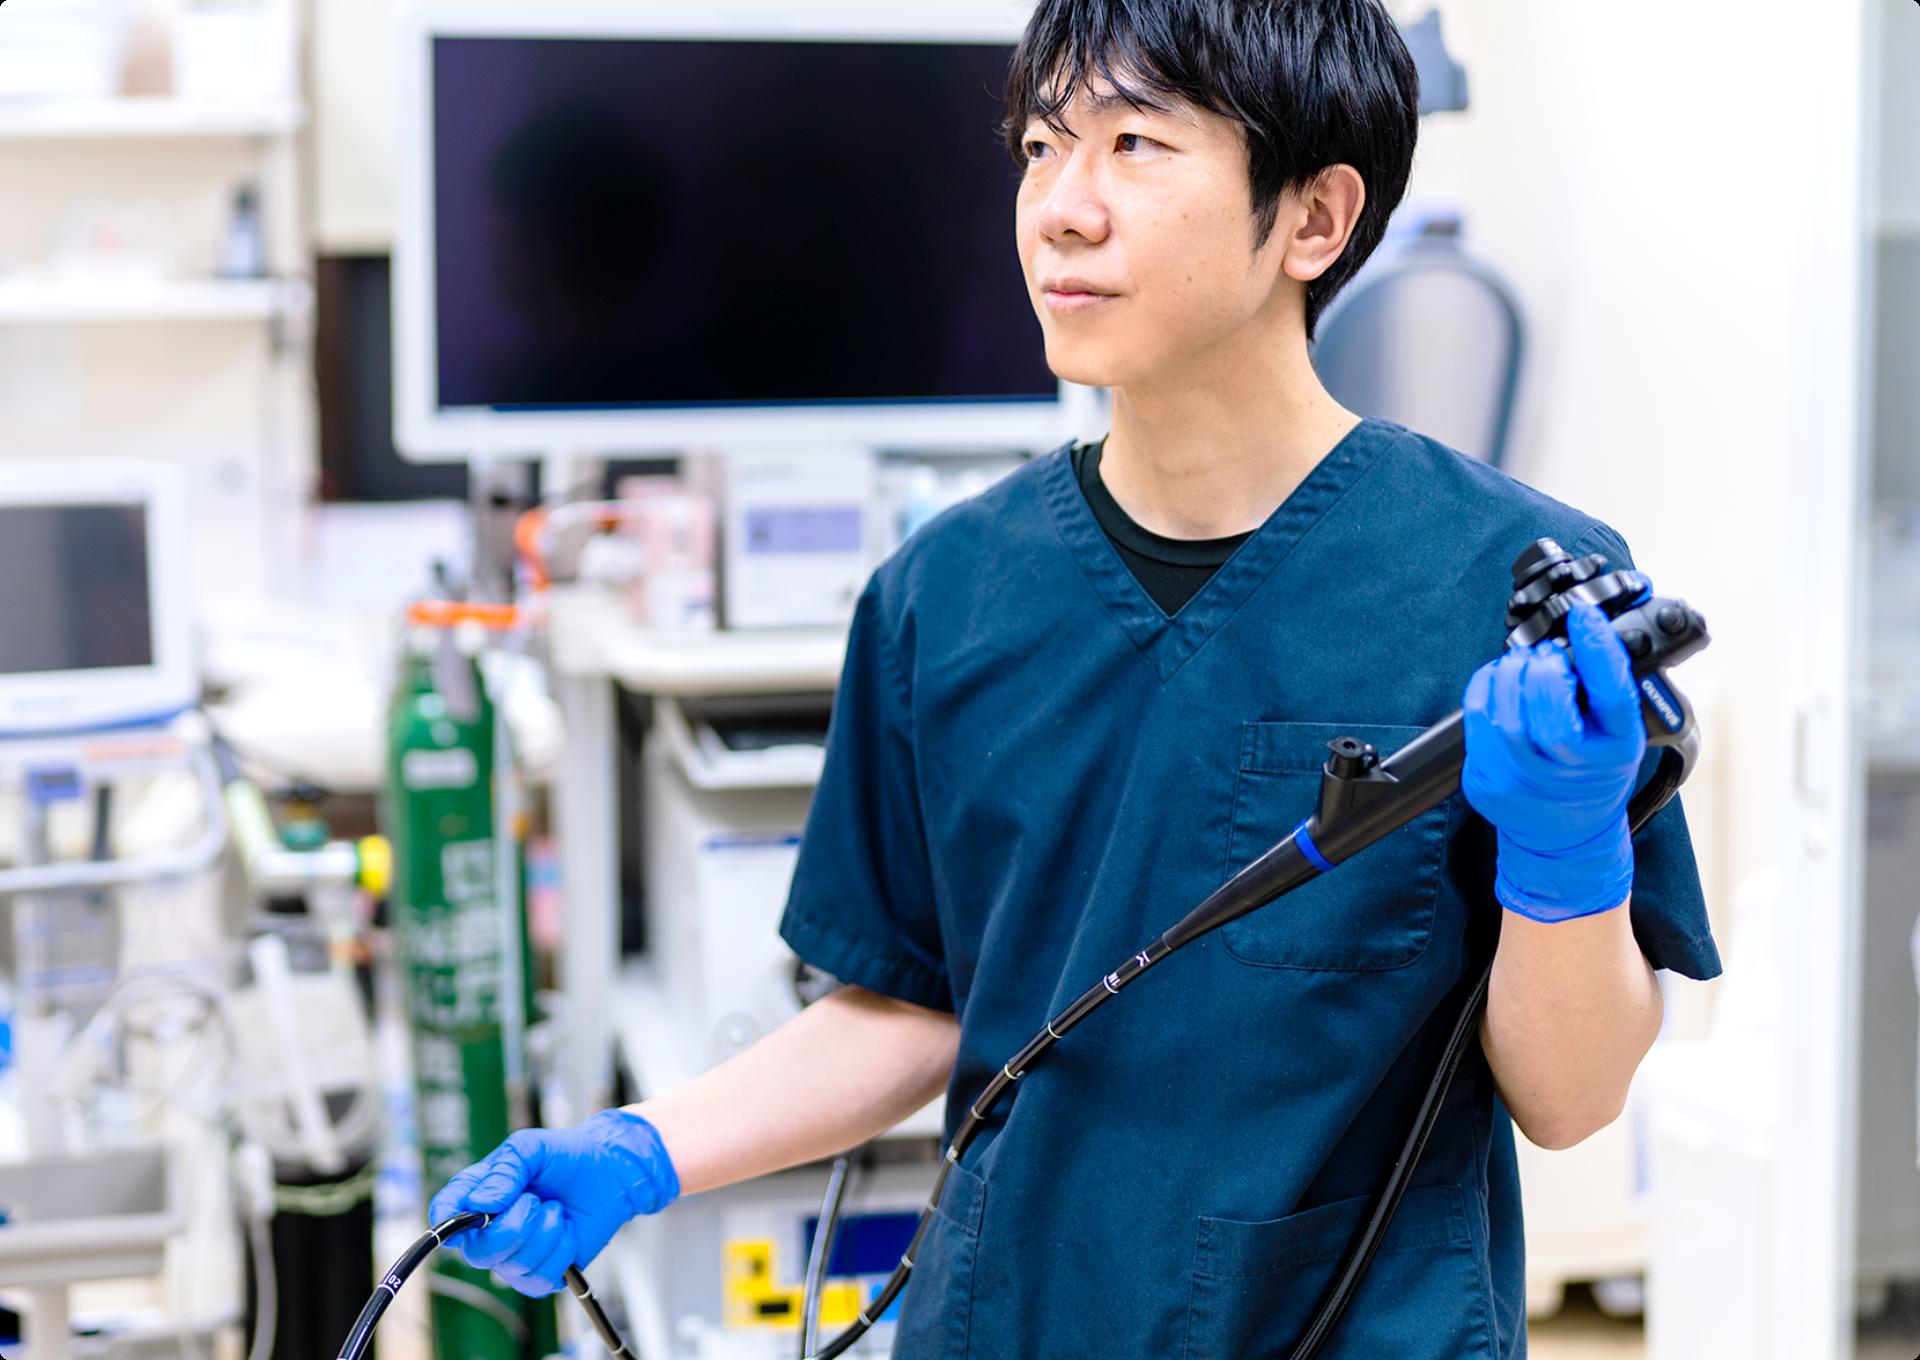 経験豊富な常勤の消化器内視鏡専門医が 責任を持って内視鏡検査を行います